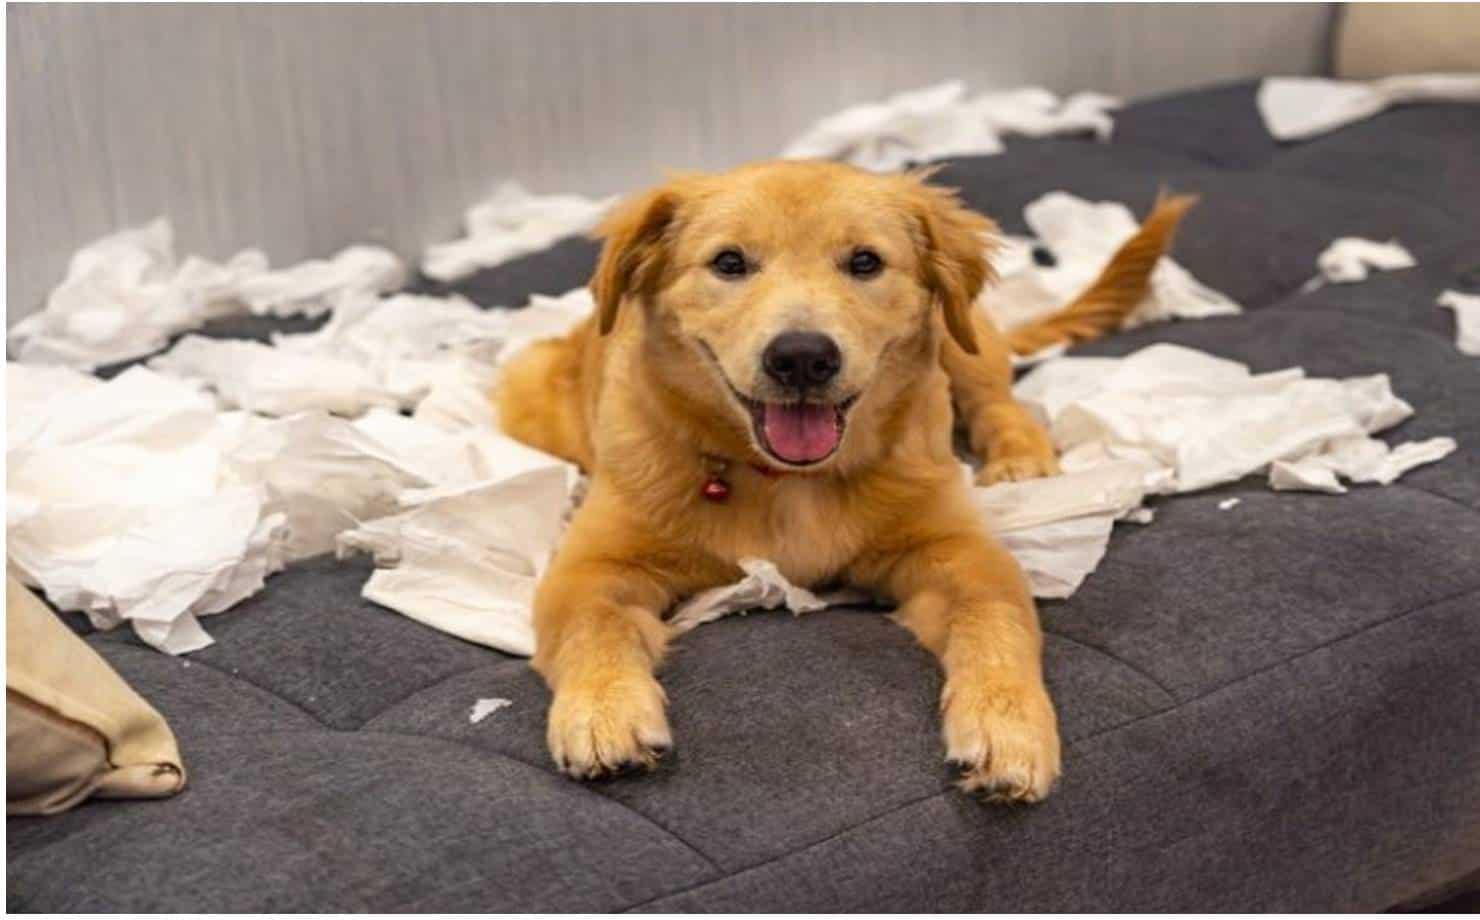 Mistura caseira para tirar o cheiro de cachorro da casa